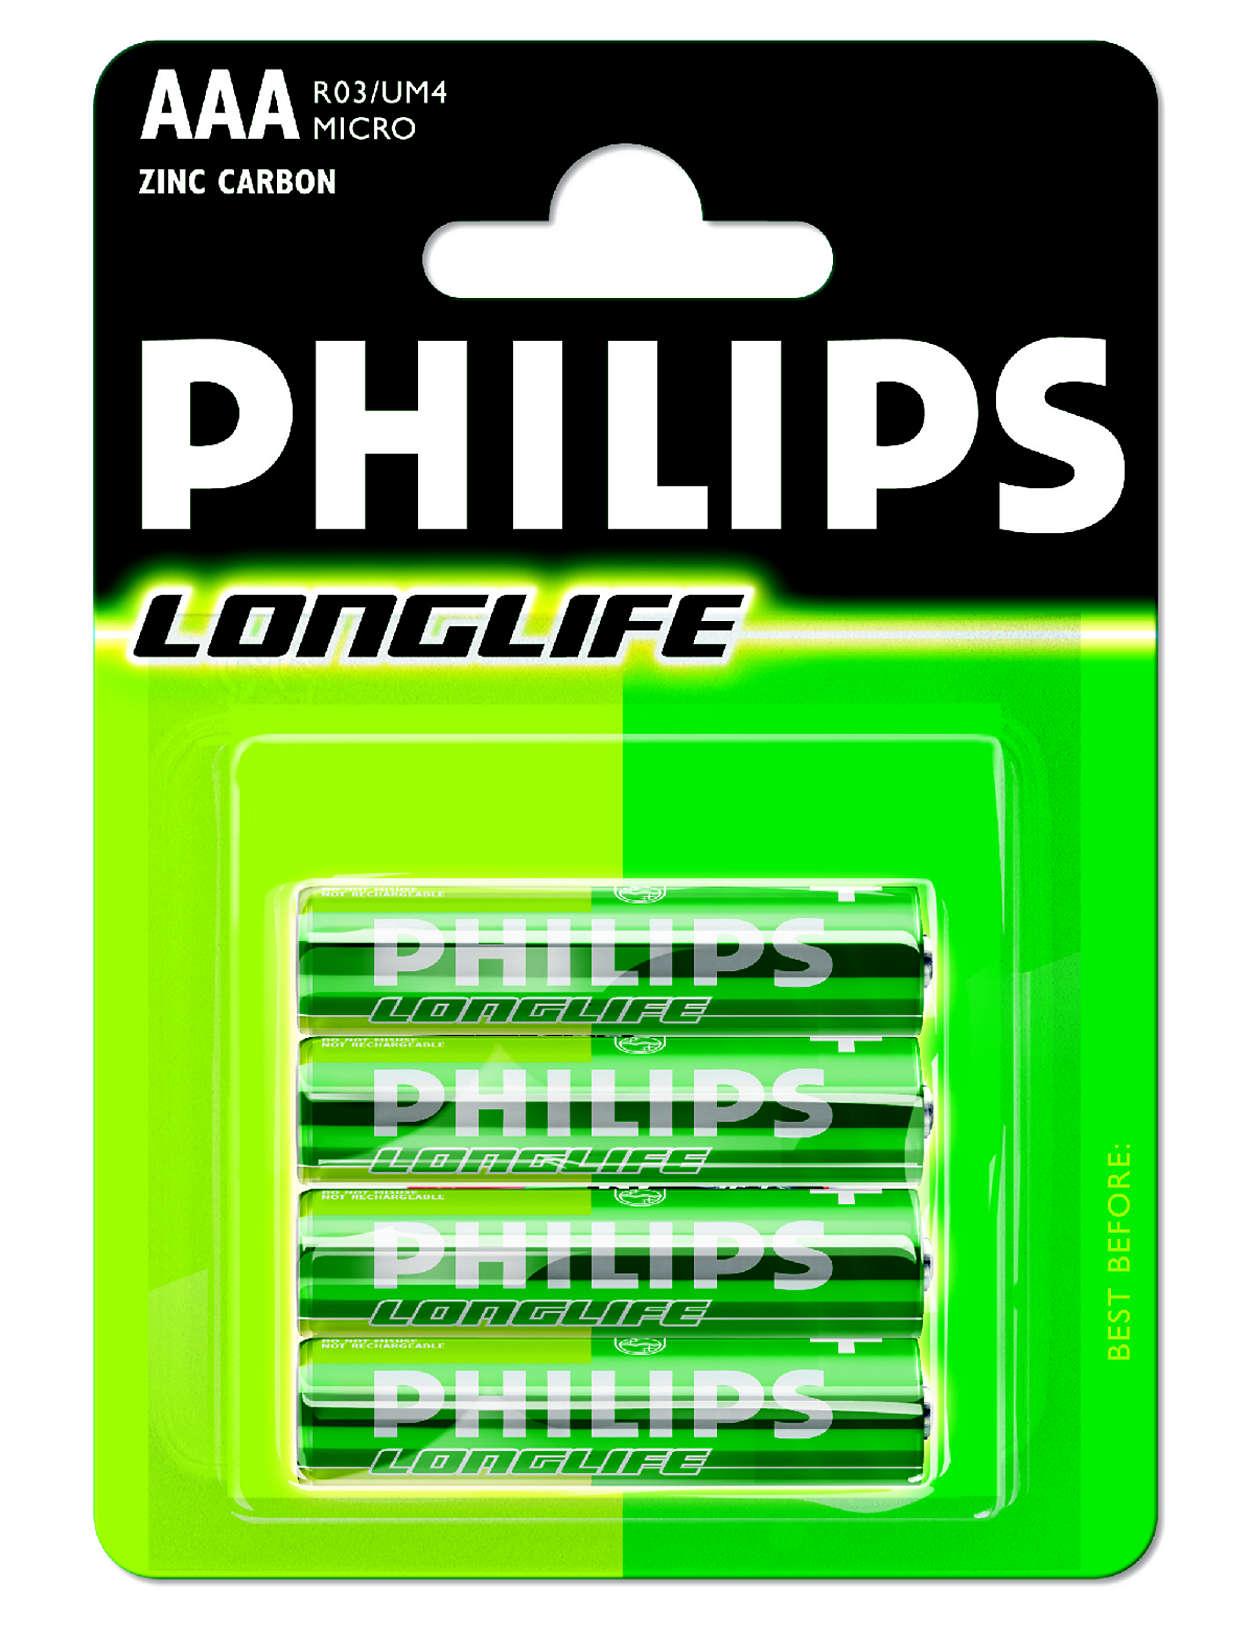 Špičkové baterie pro zařízení snízkým odběrem.